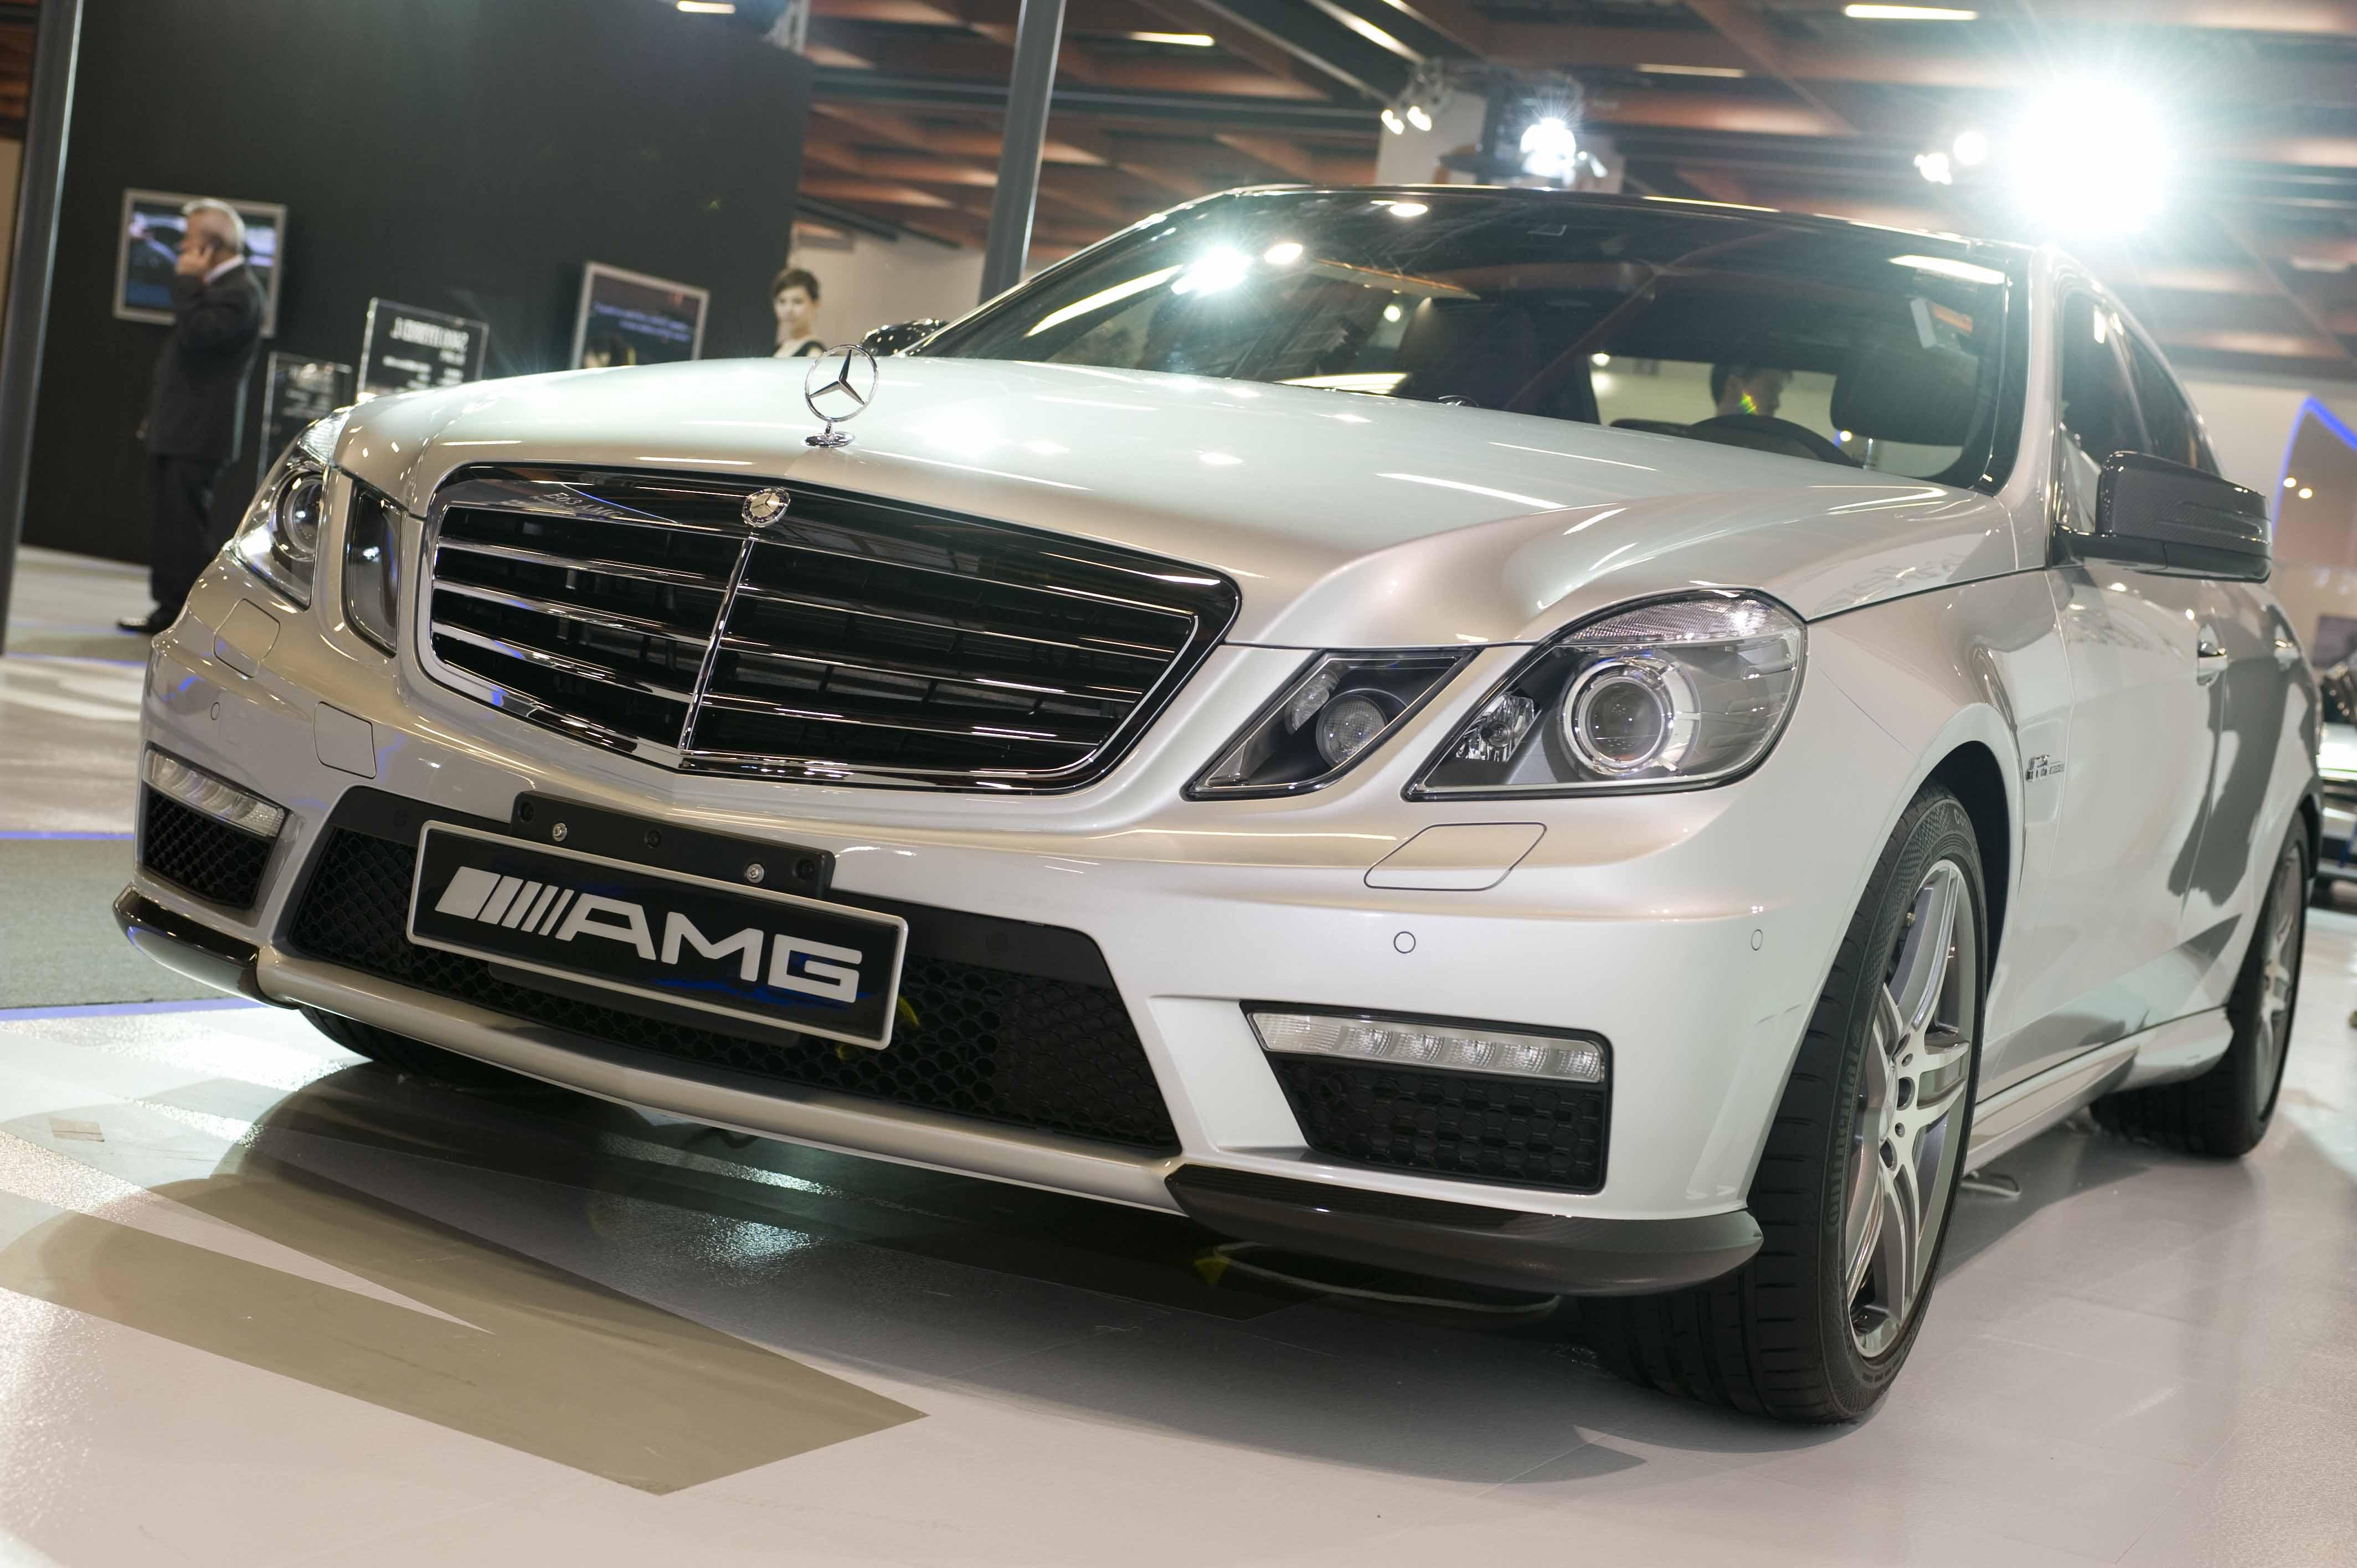 Mercedes-Benz的創新科技之路,始終是所有追隨者,唯一的目標!